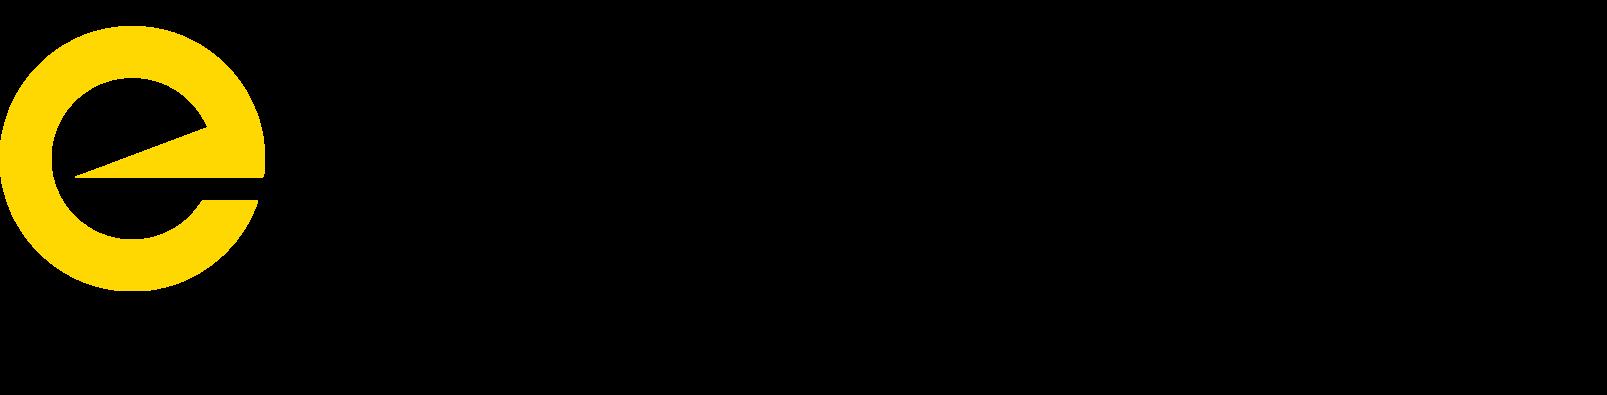 Espaciado